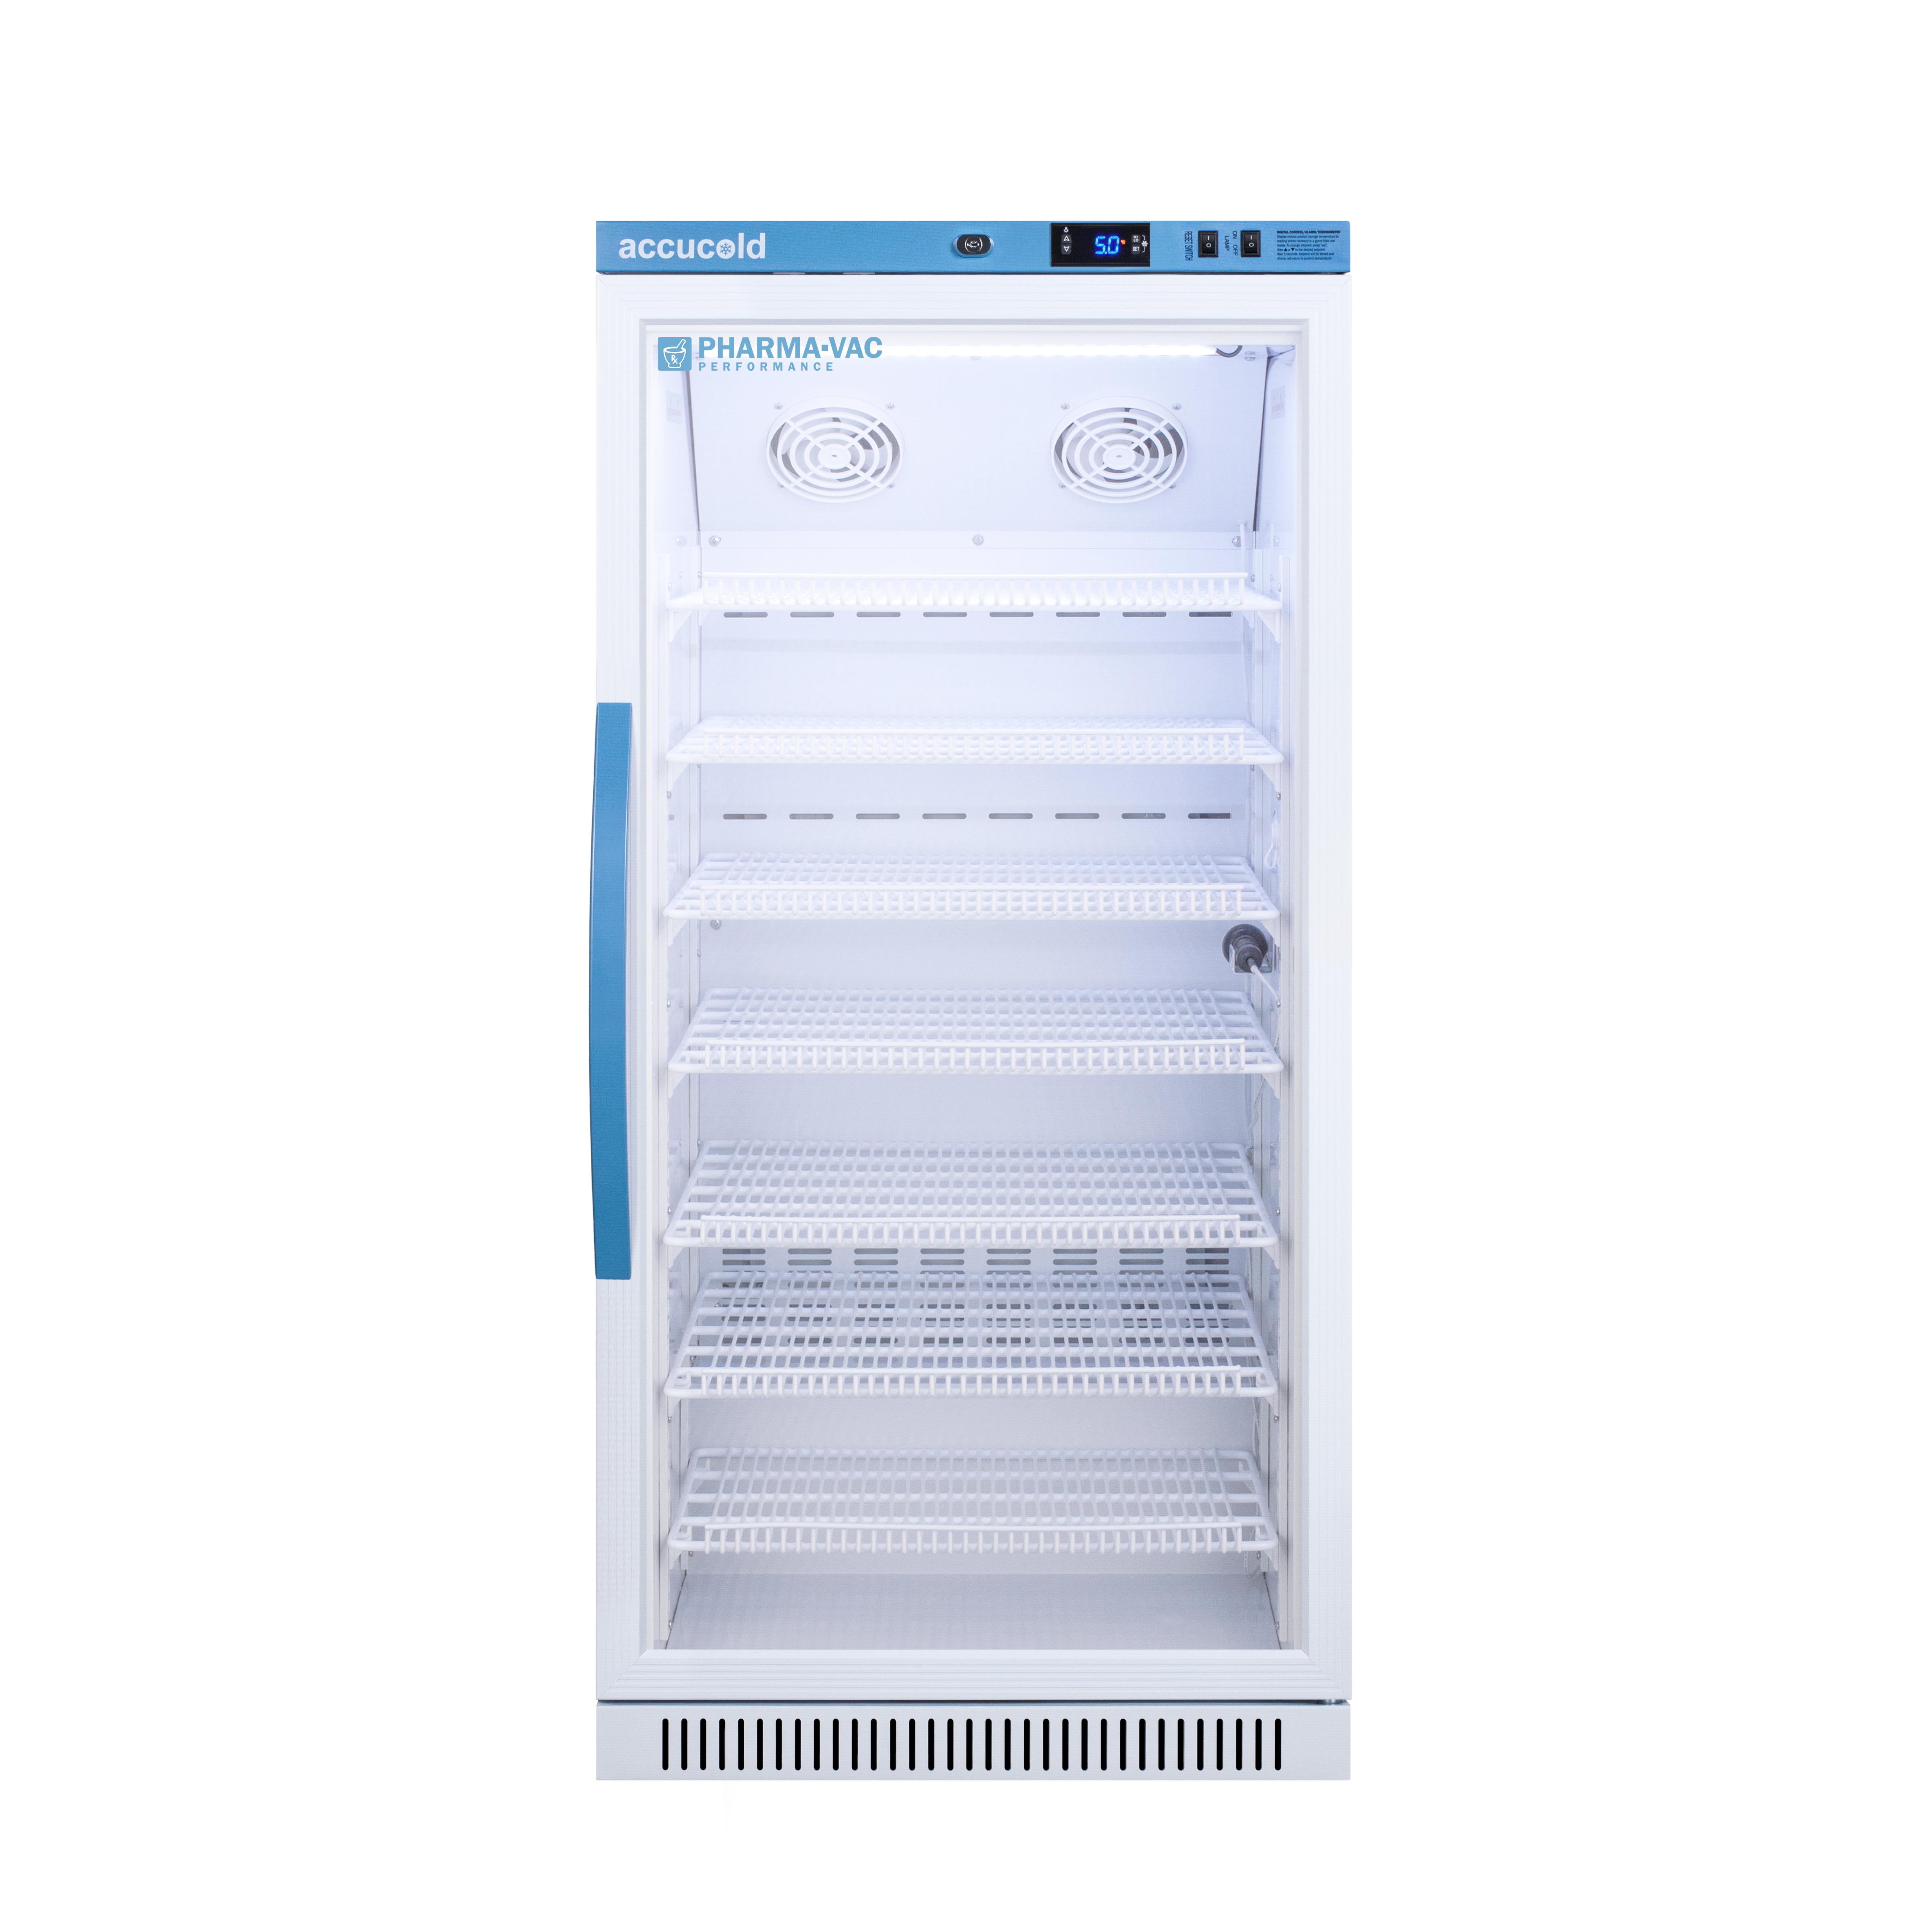 Summit Appliance ARG8PV refrigerator, medical